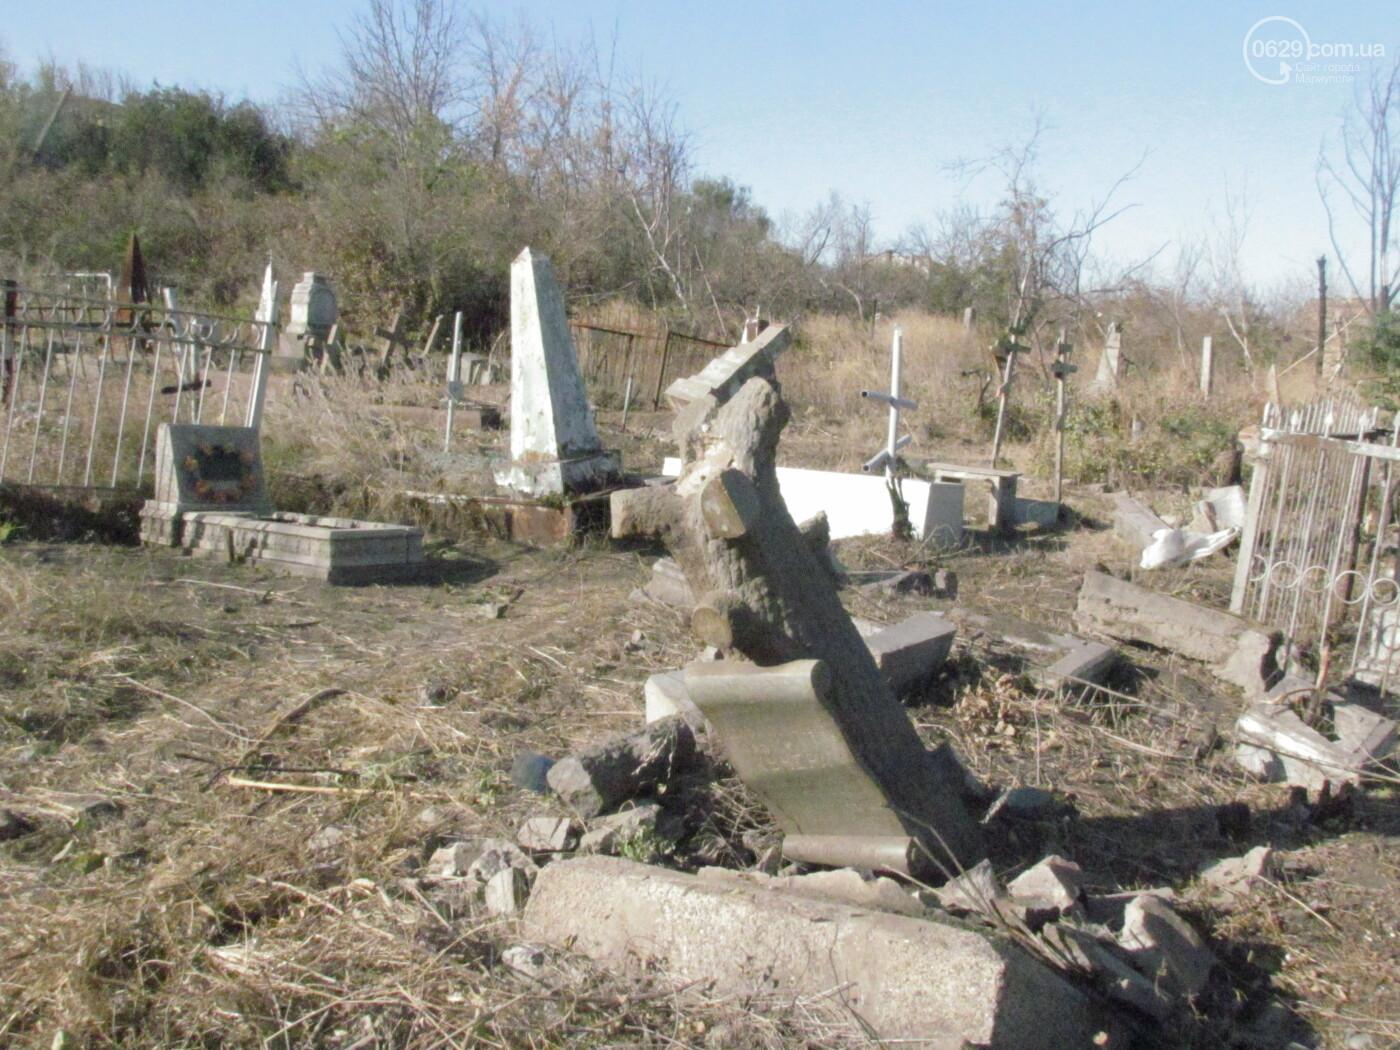 """""""Тут была война?"""" В Мариуполе кто-то крушит могилы на старом кладбище, - ФОТОРЕПОРТАЖ , фото-3"""